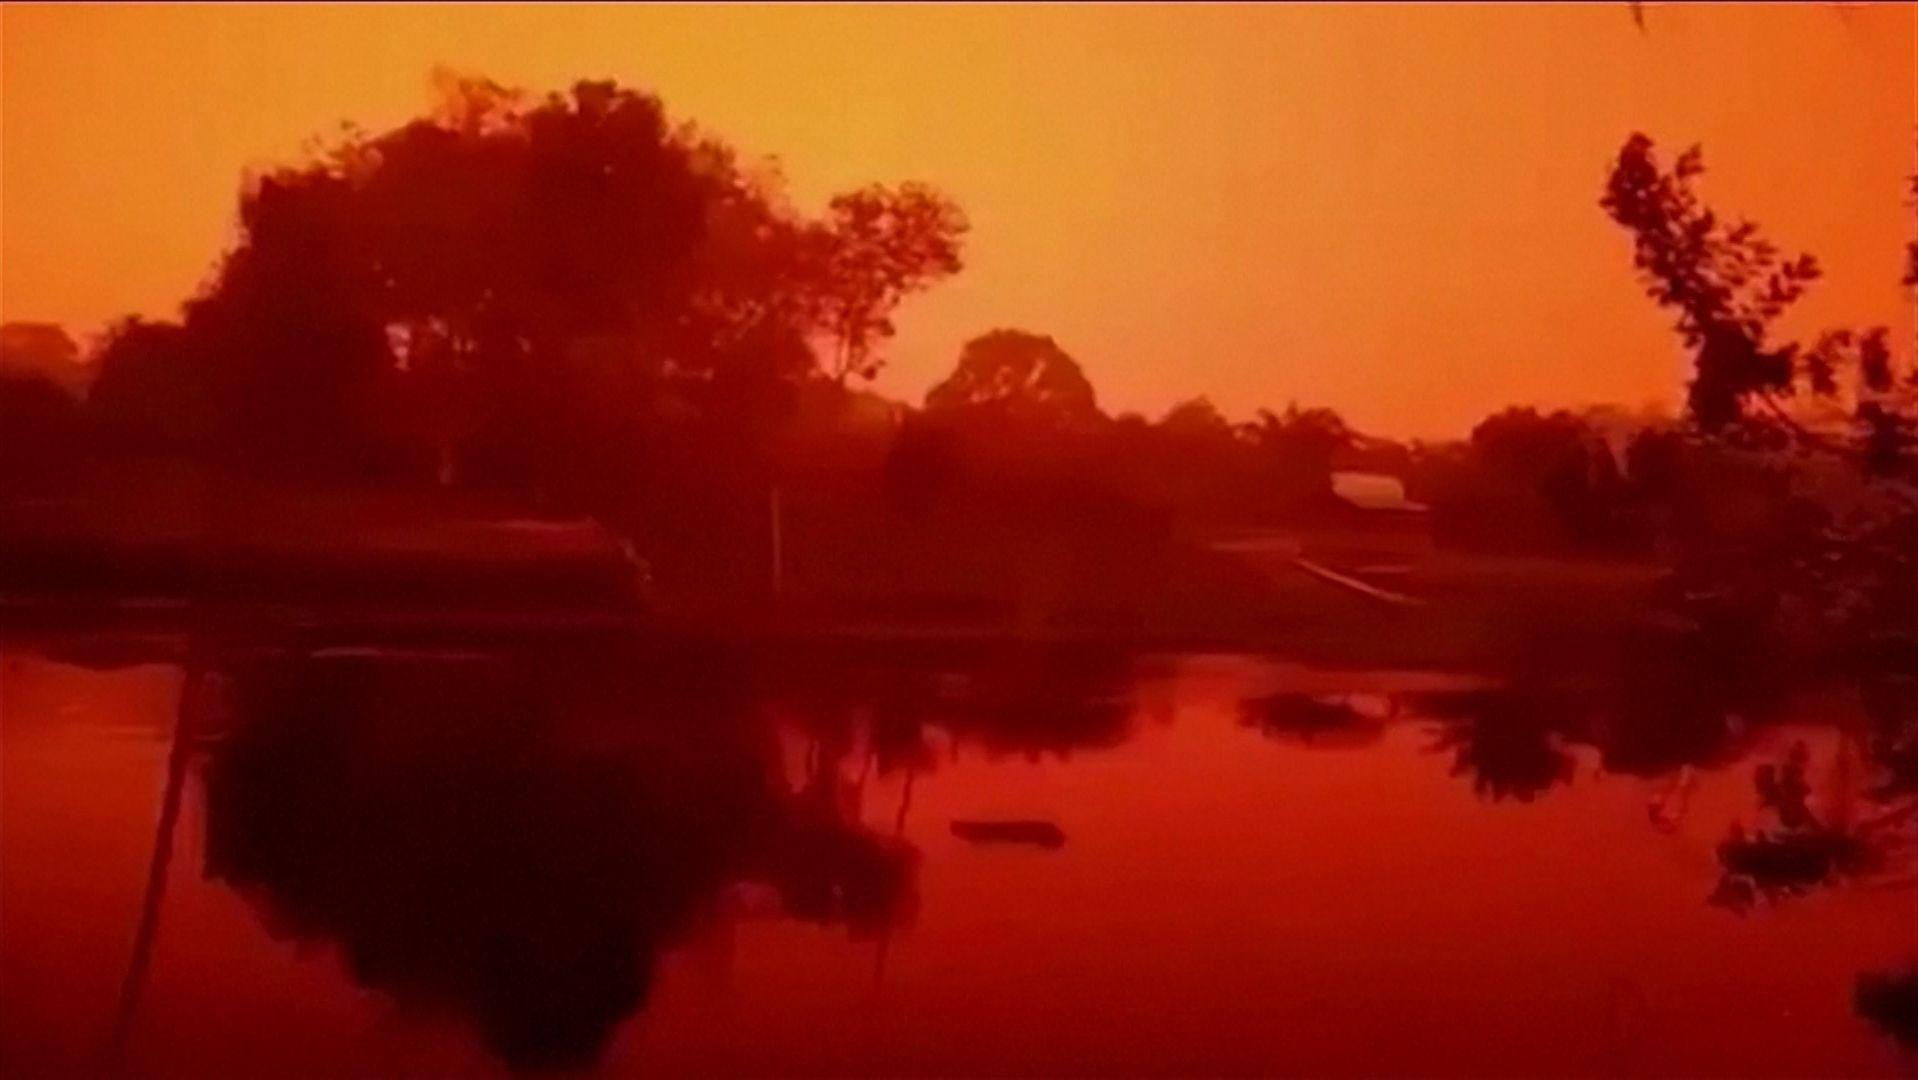 Wegen Smog, der durch Waldbrände ausgelöst wurde erscheint auf der indonesischen Insel Sumatra derzeit alles in Rot